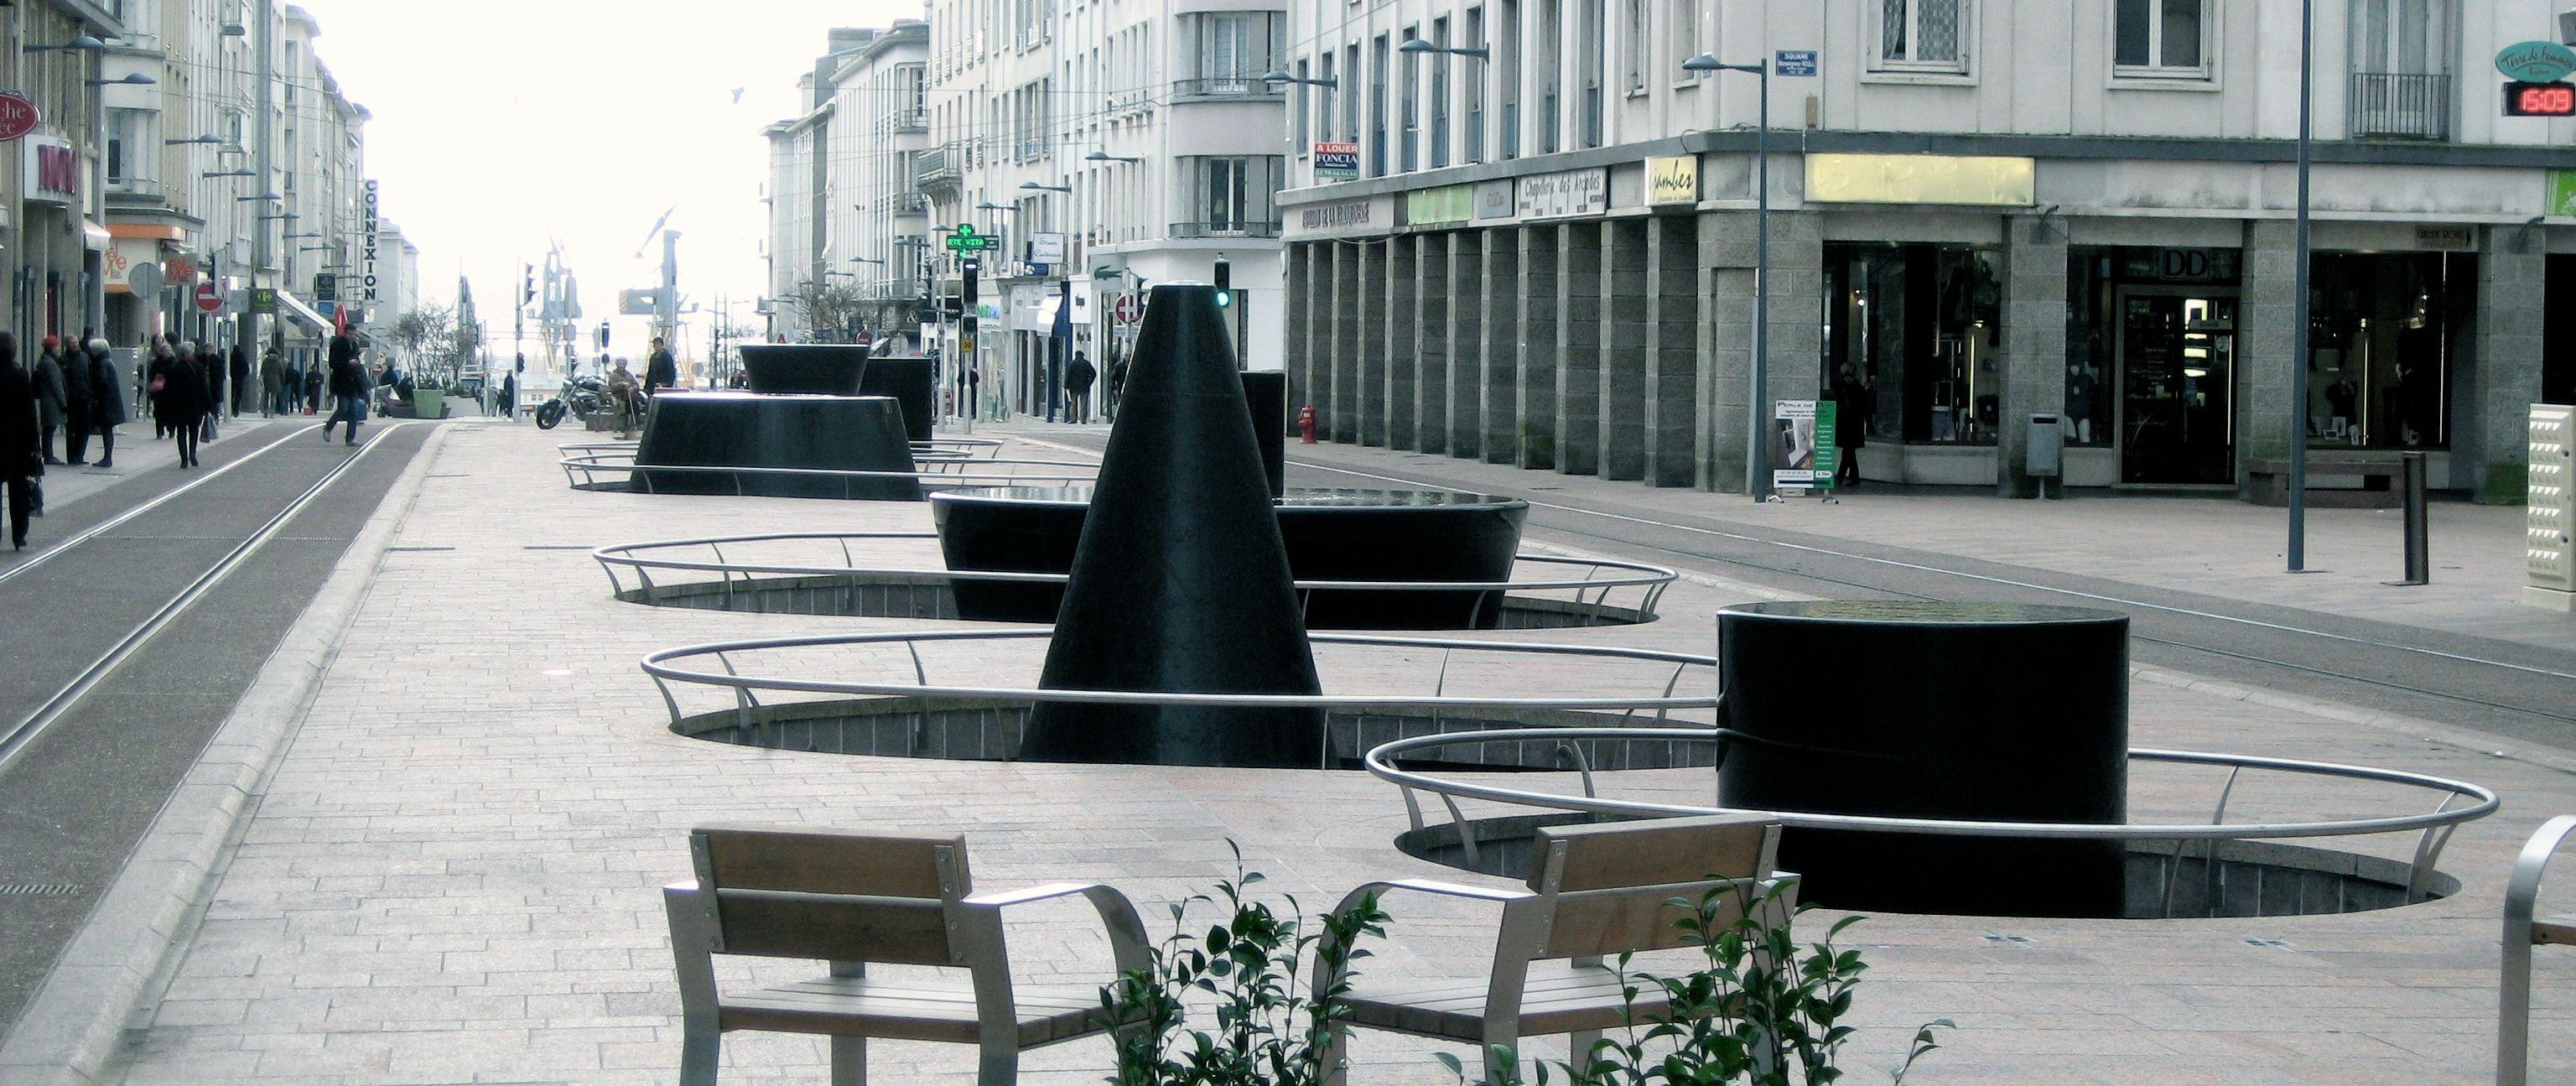 55 best Brest images on Pinterest